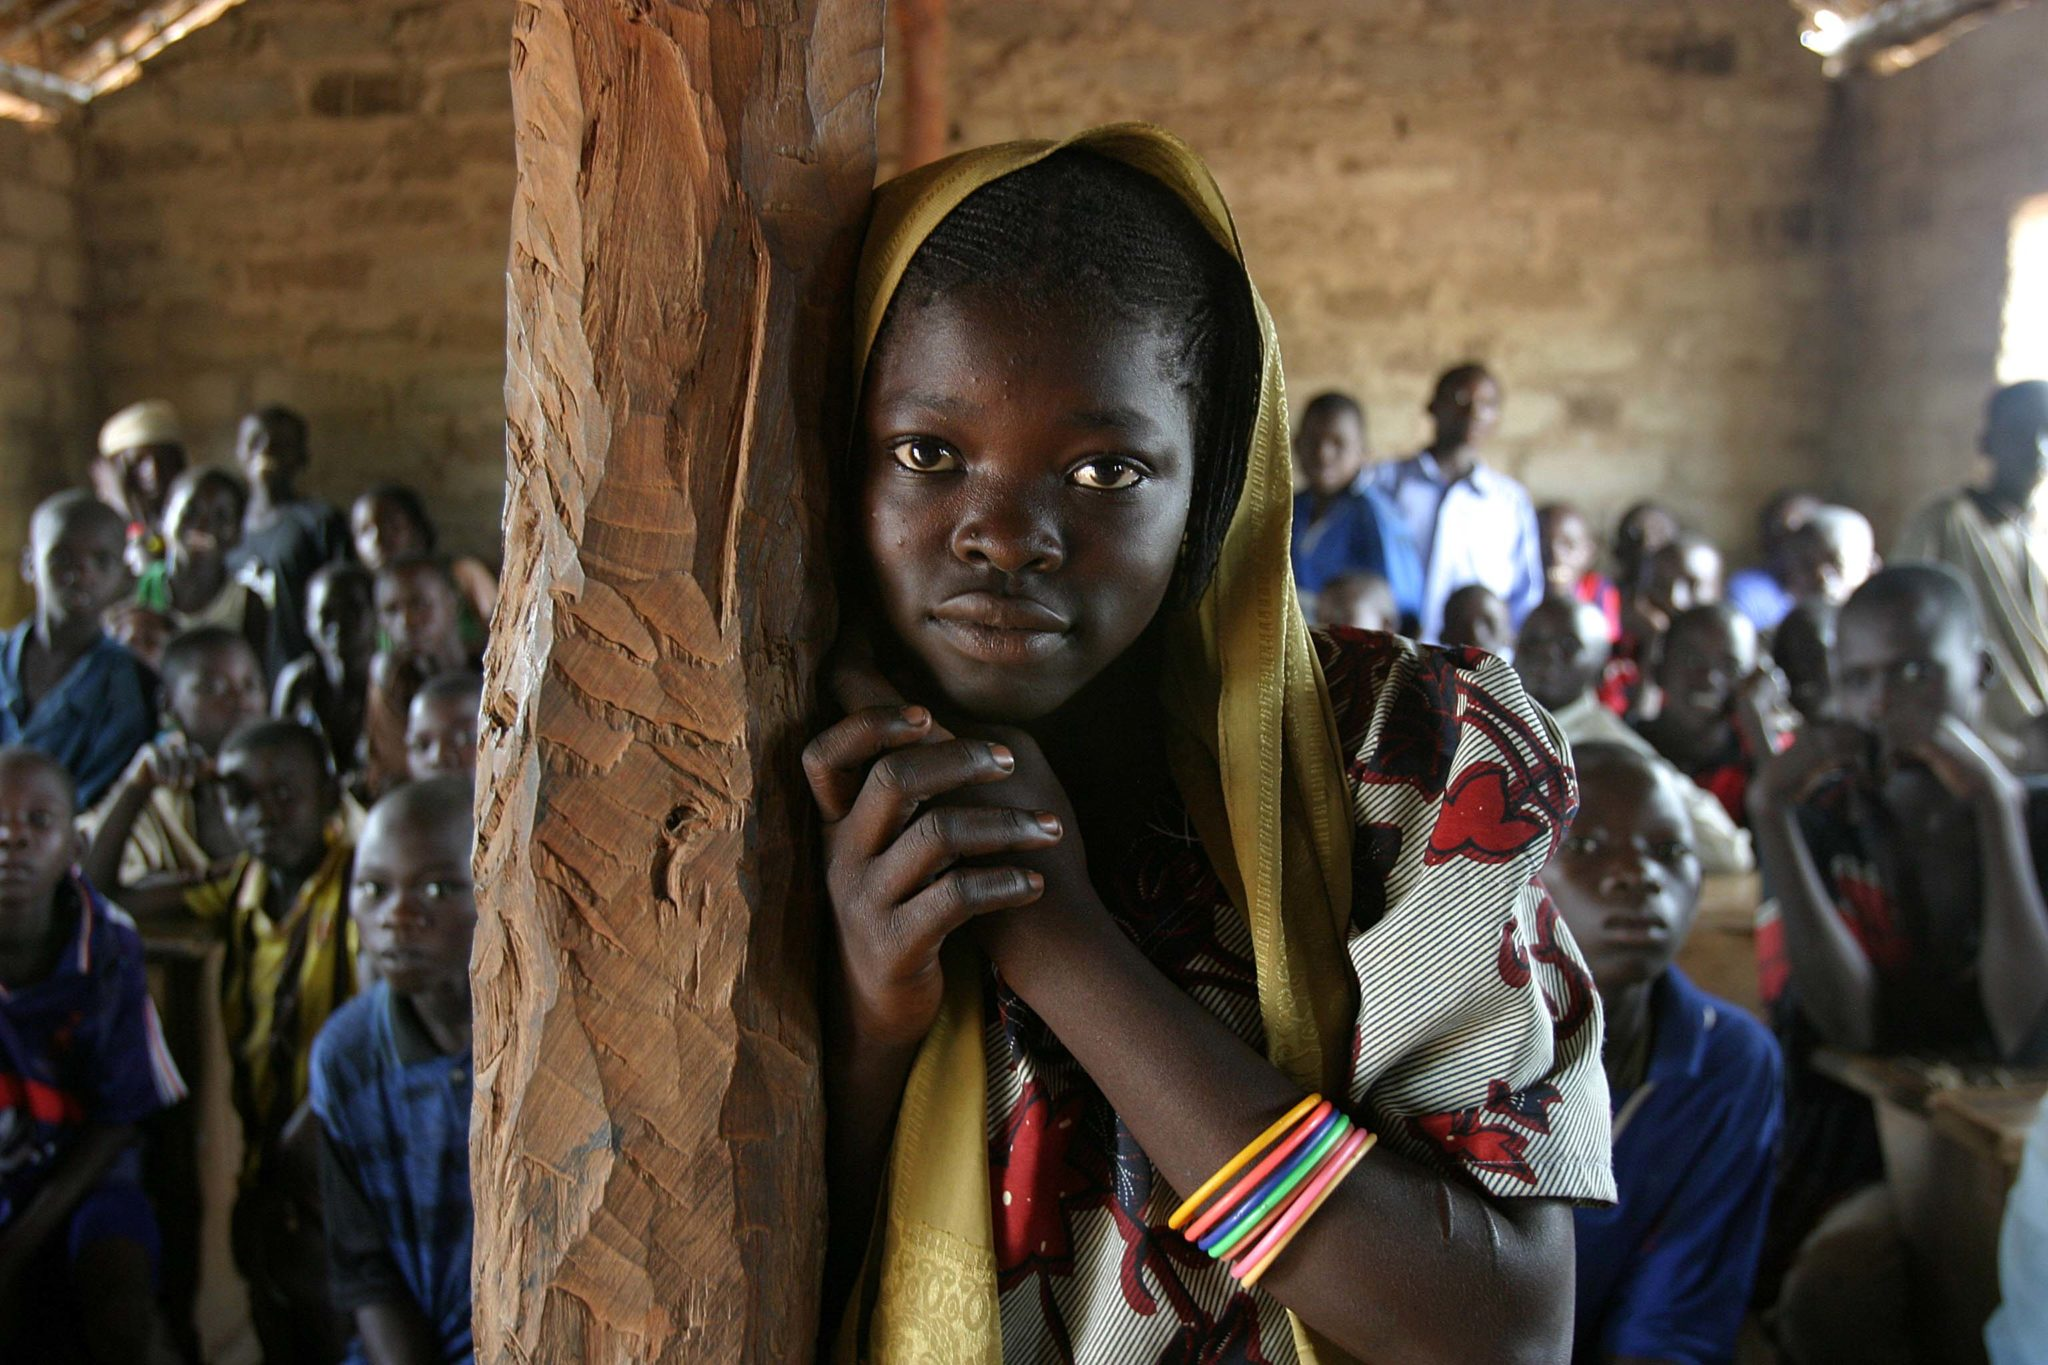 © Pierre Holtz | UNICEF